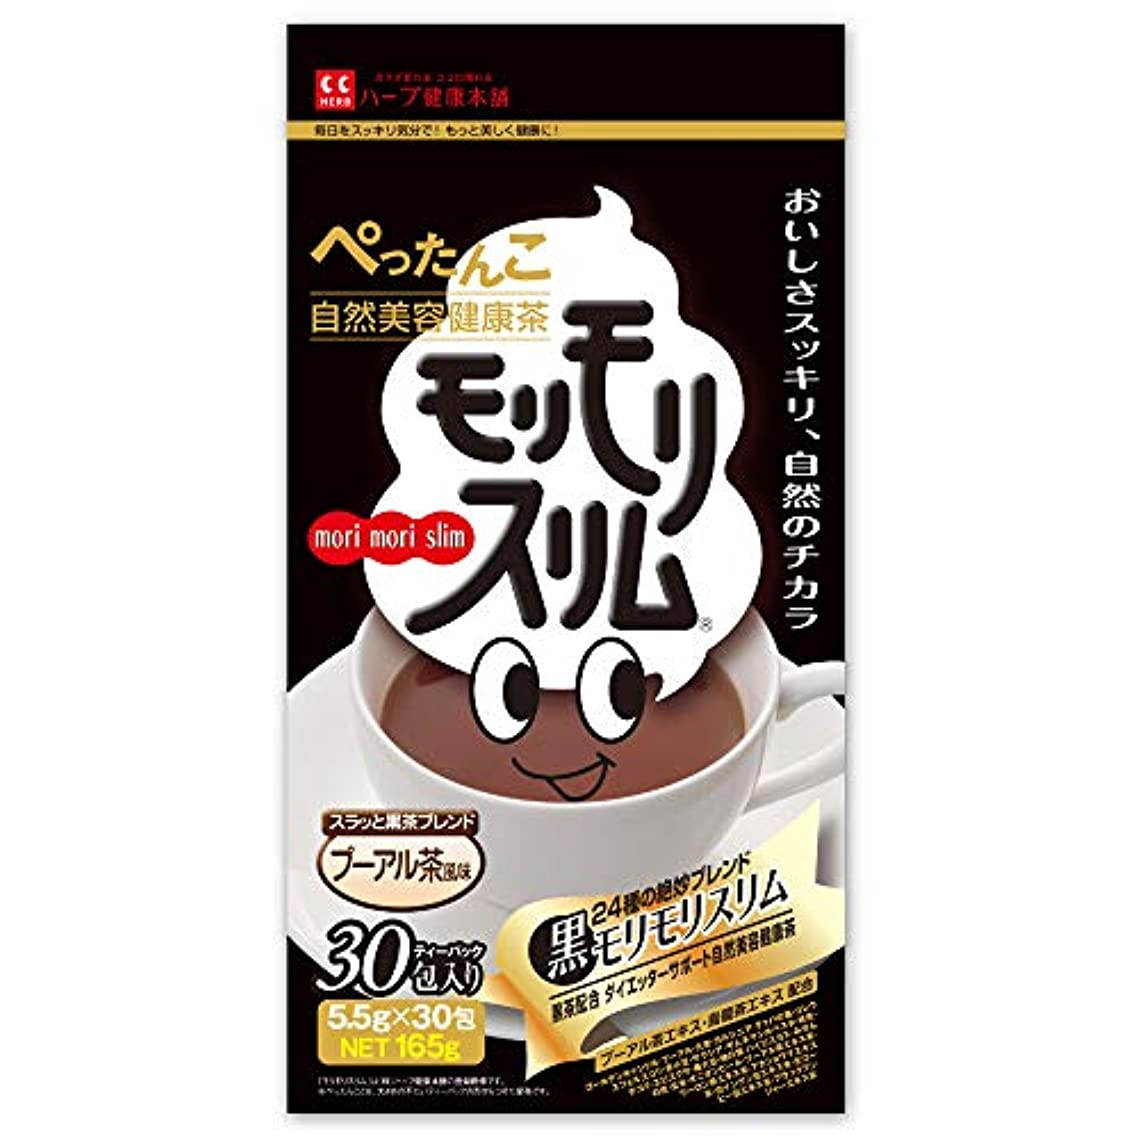 晩餐破壊マージンハーブ健康本舗 黒モリモリスリム(プーアル茶風味) (30包)